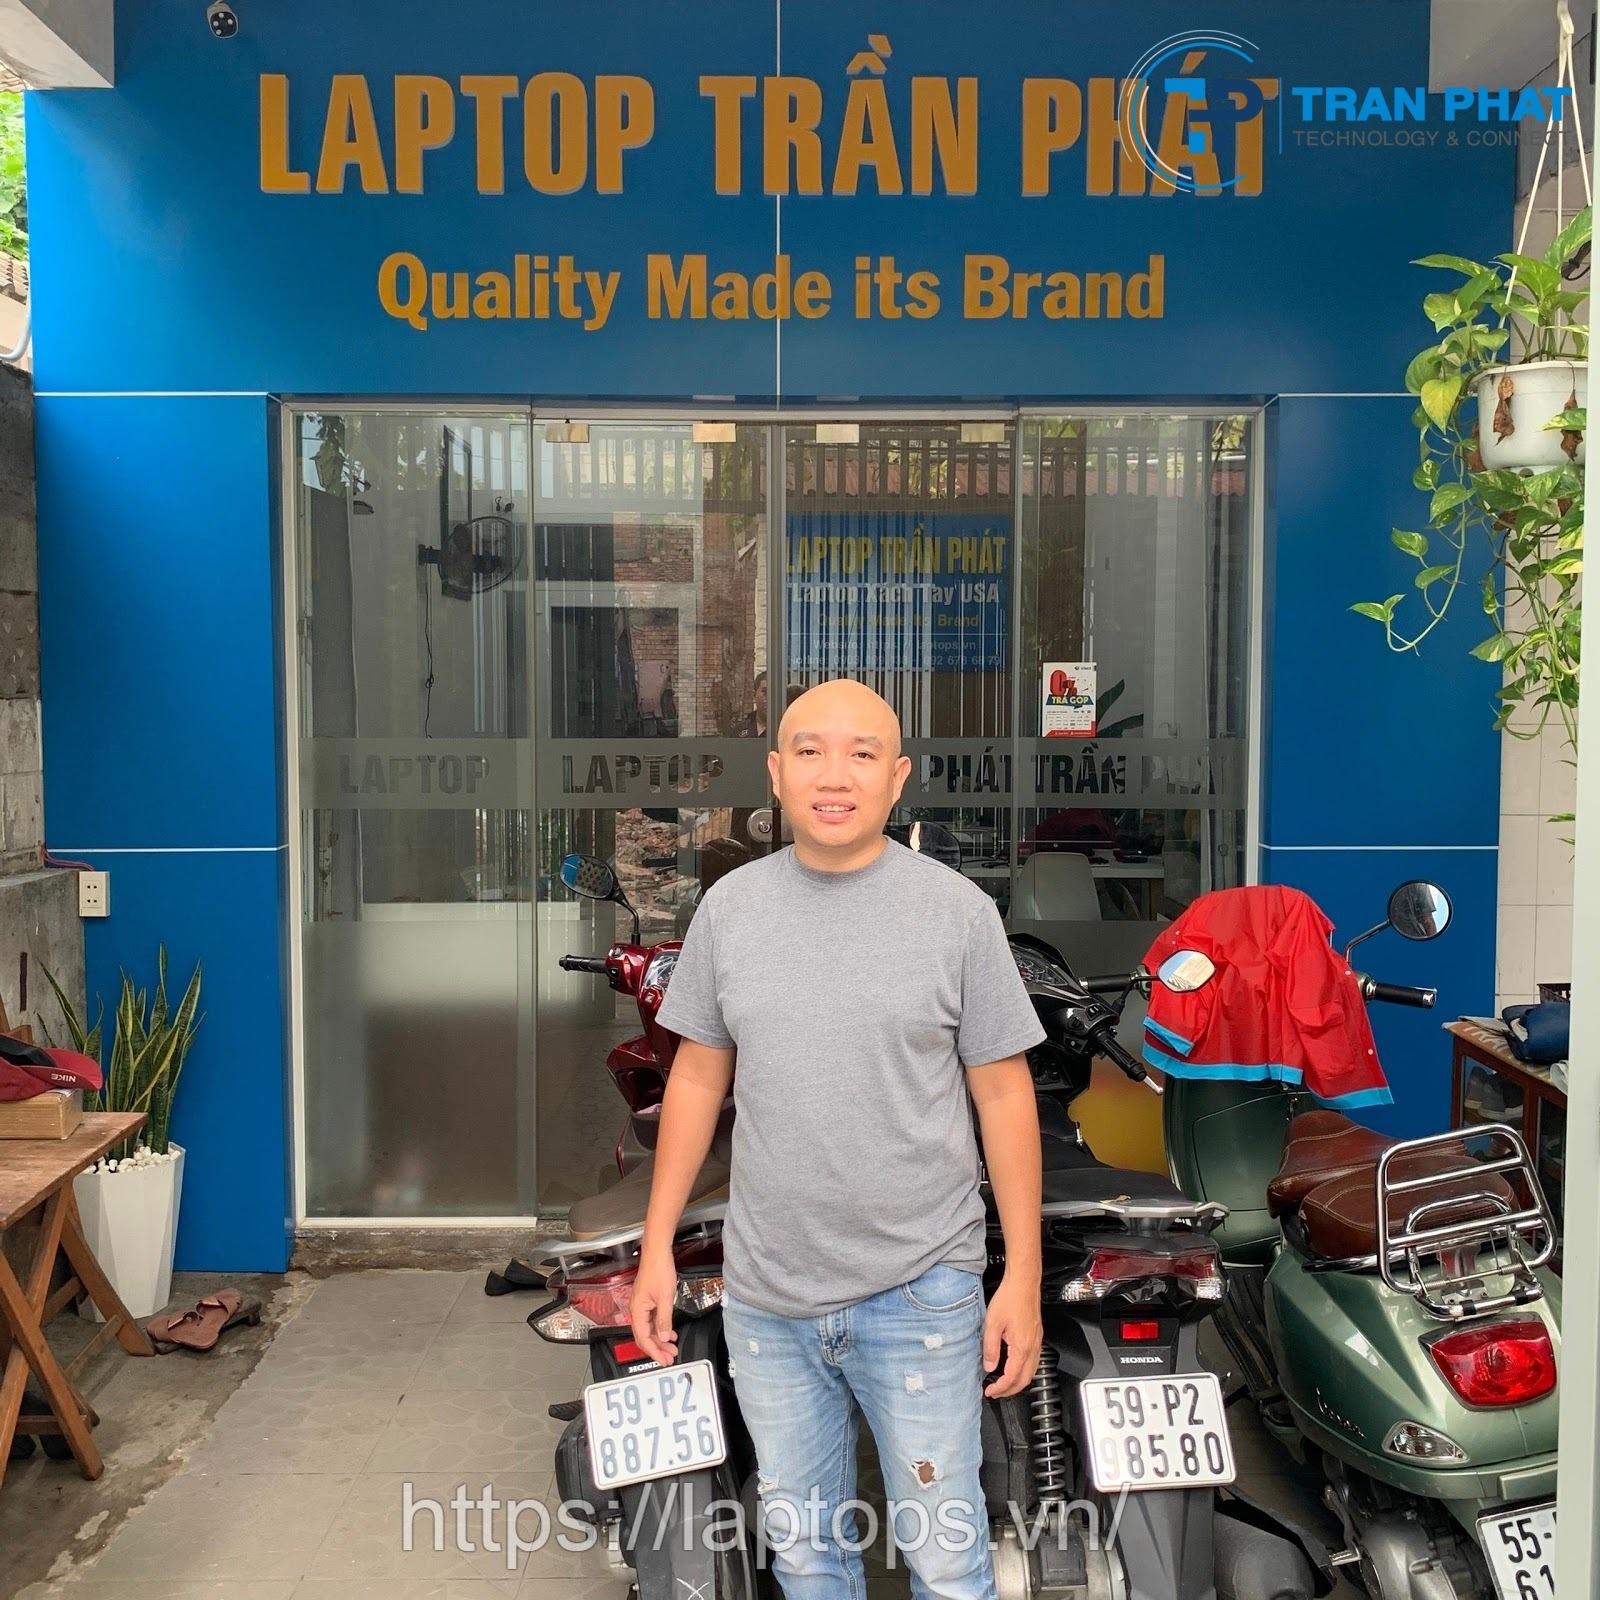 Laptop Trần phát địa chỉ bán laptop uy tín tại TPHCM